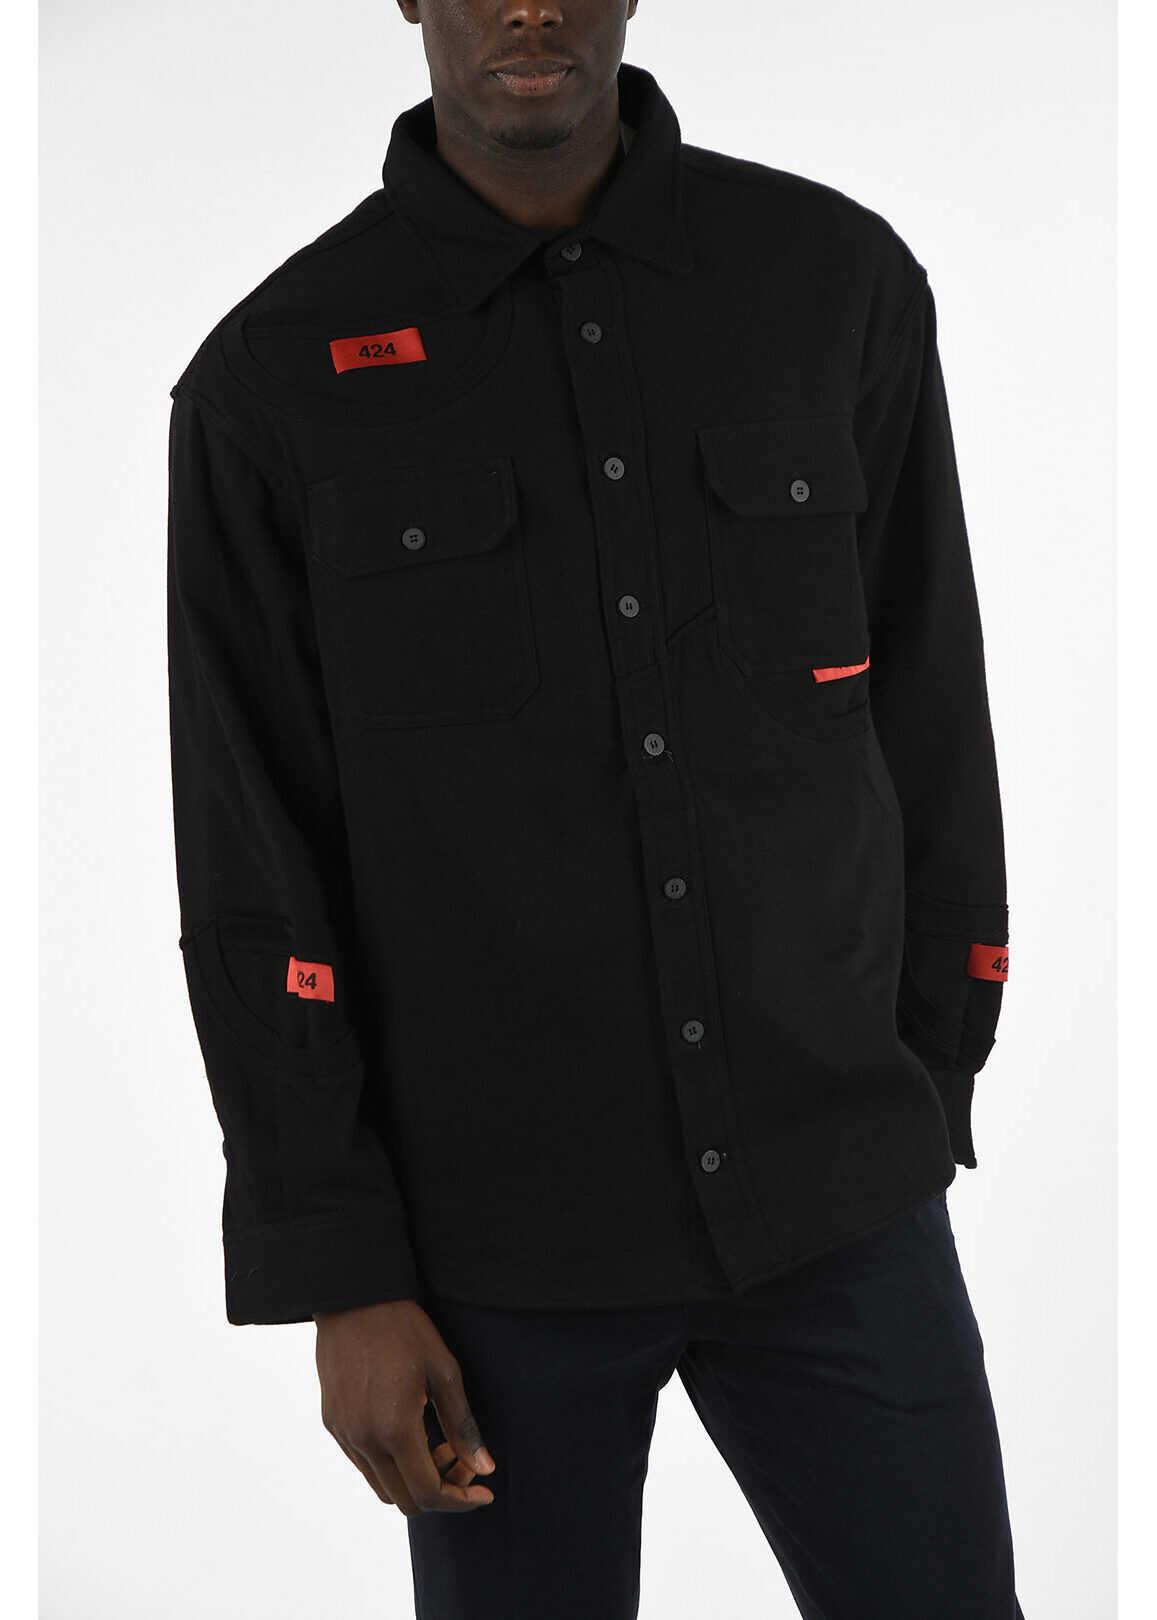 424 Overshirt Jacket with Pockets BLACK imagine